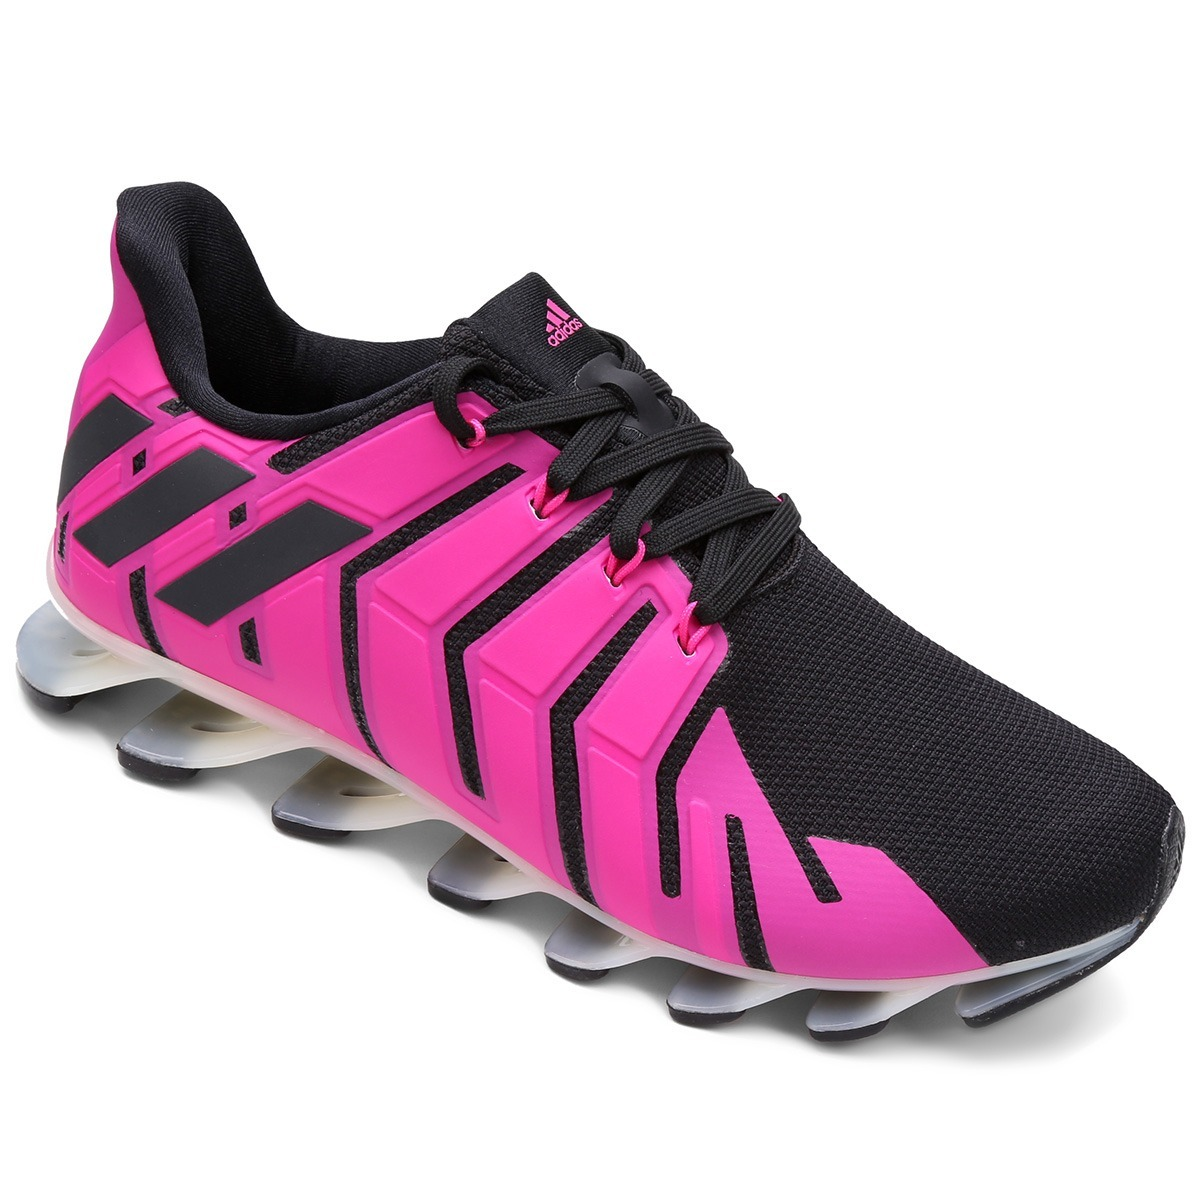 724fa3b8f9 ... release date tênis adidas springblade feminino. carregando zoom.